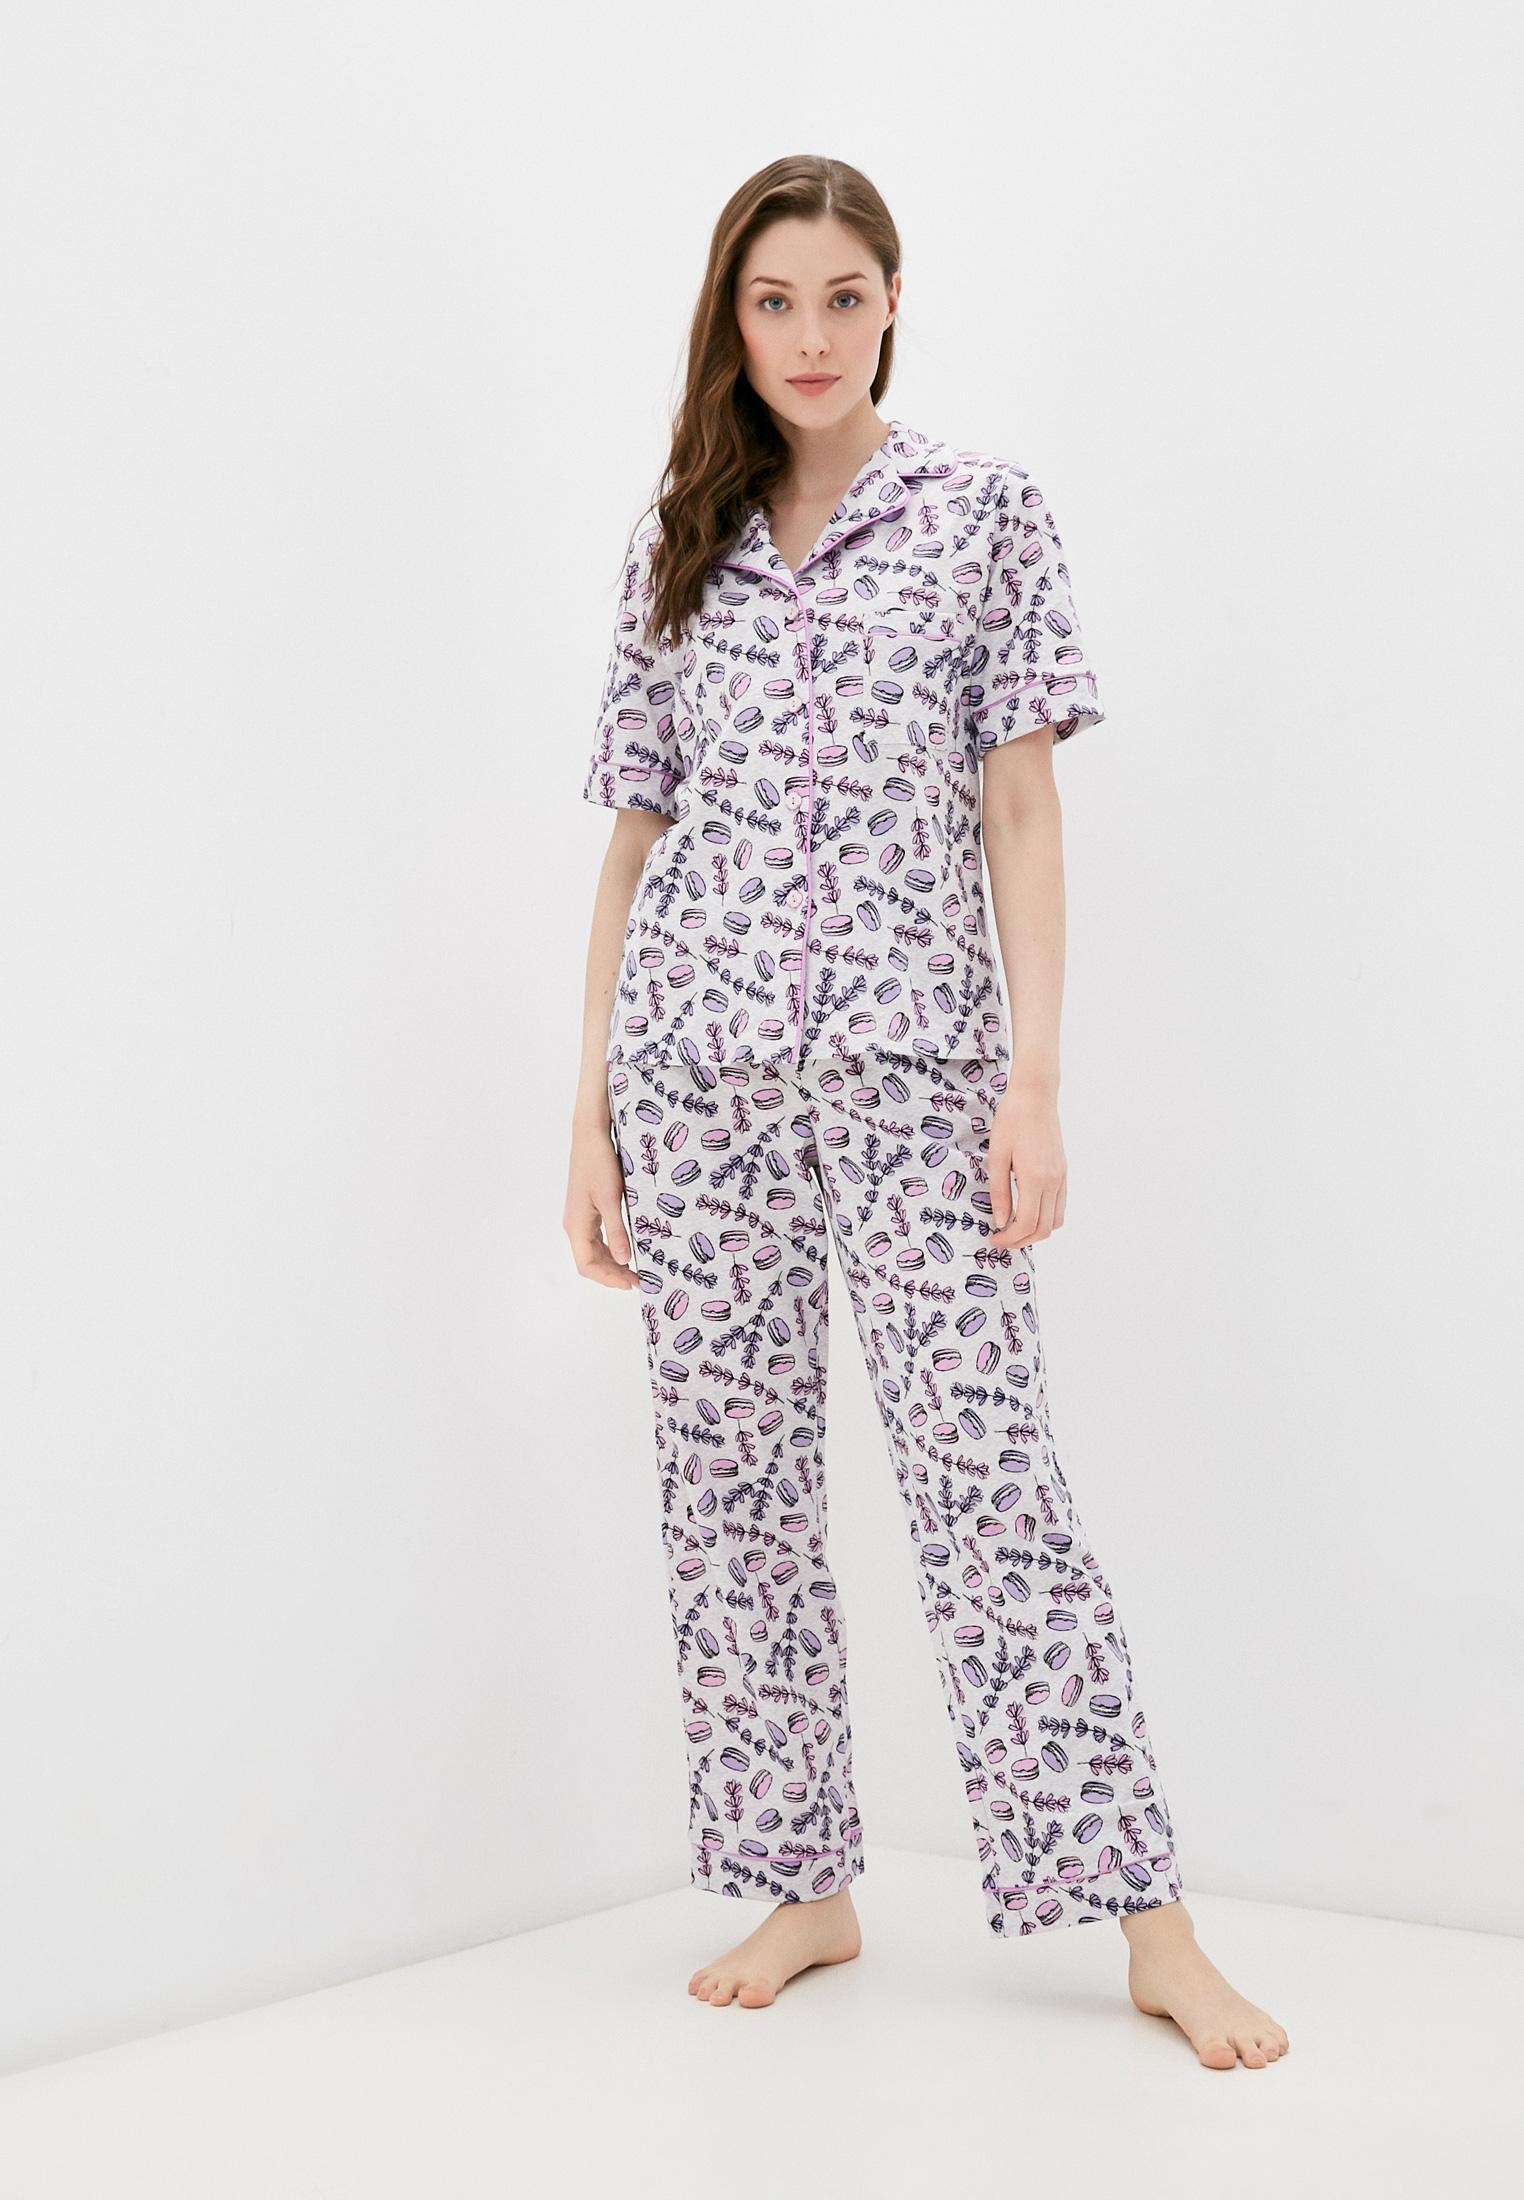 Женское белье и одежда для дома Winzor ДК353